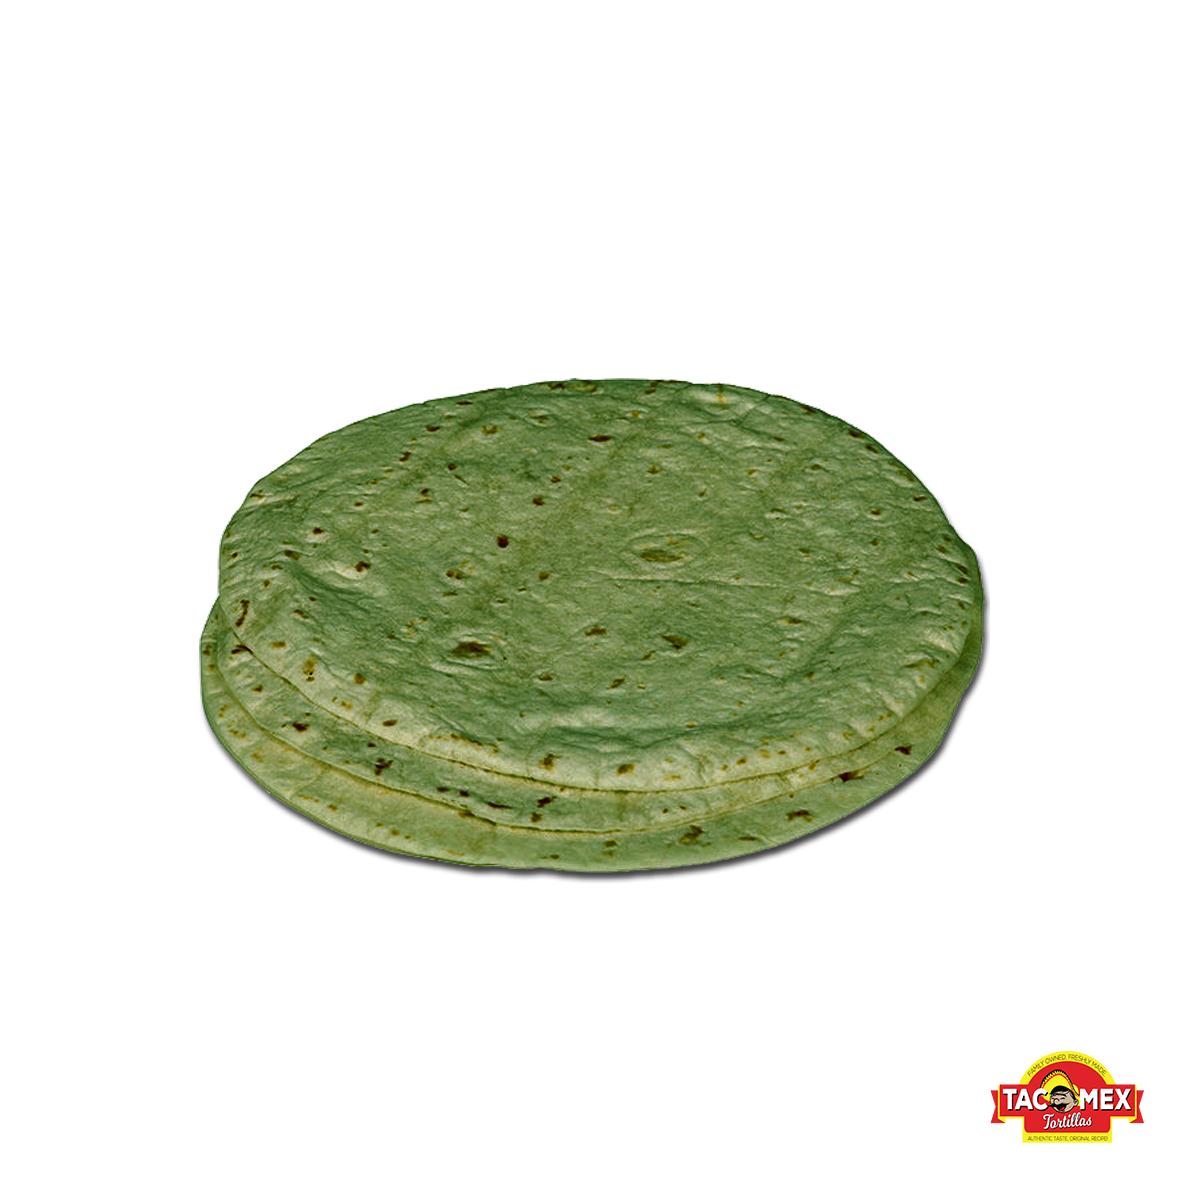 """Wrap de Espinaca 12"""" Tacomex"""